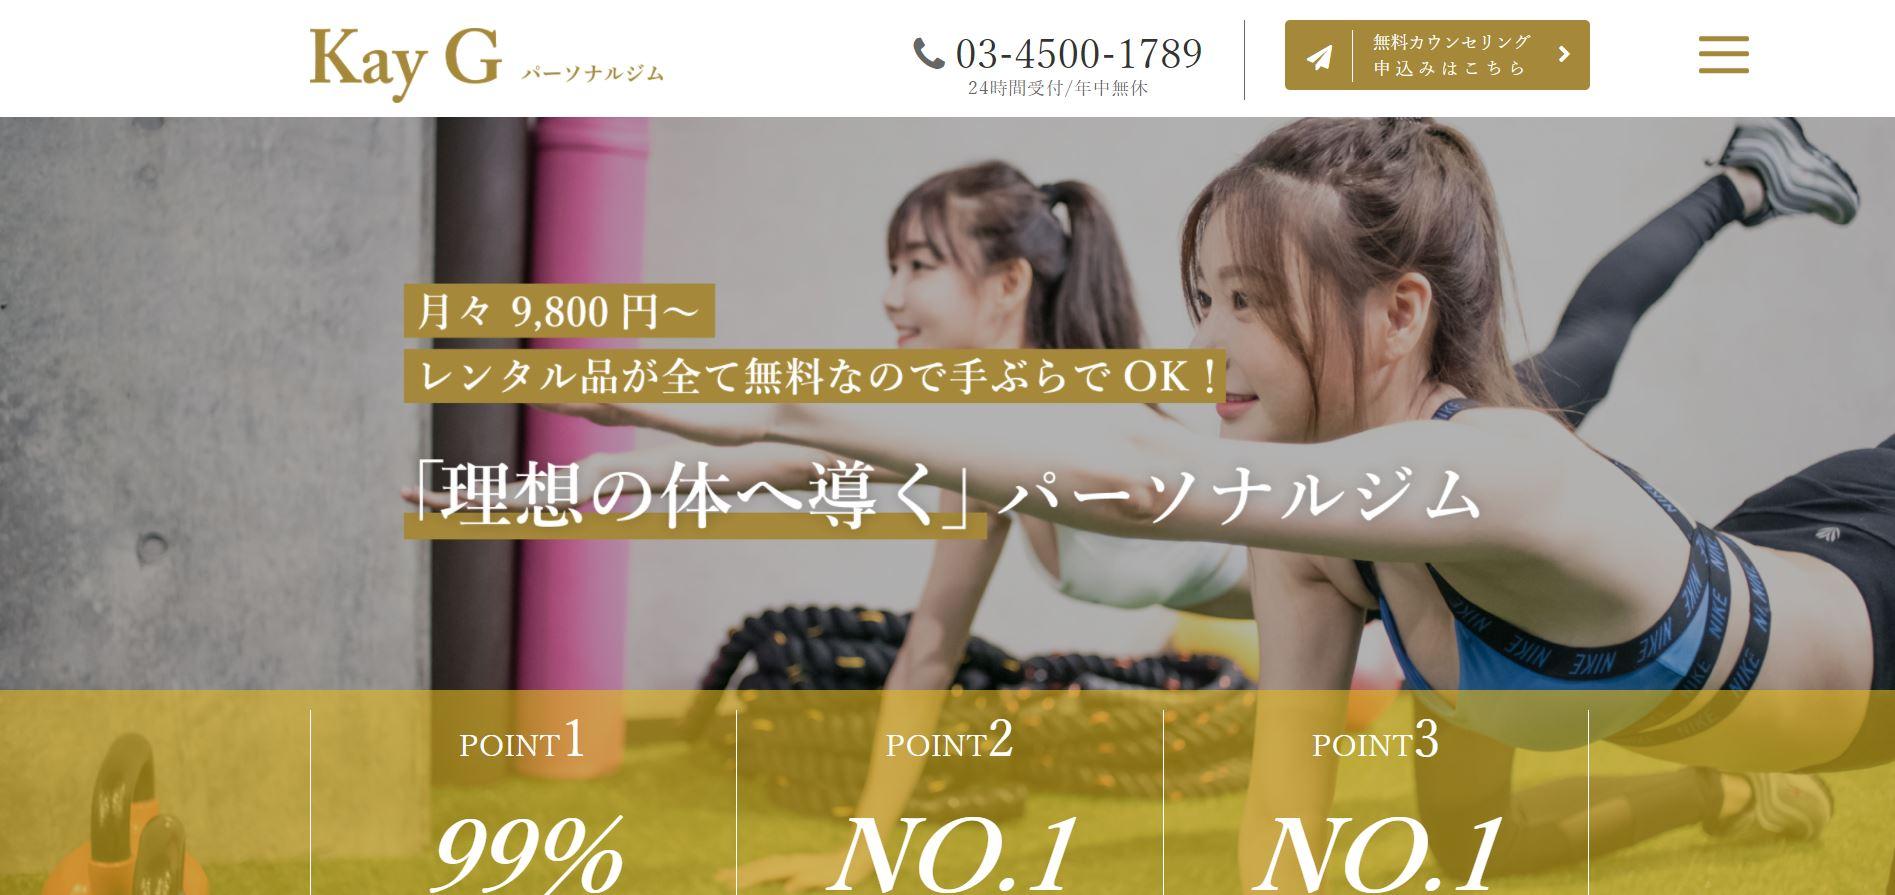 KayG(ケイジー) 新宿